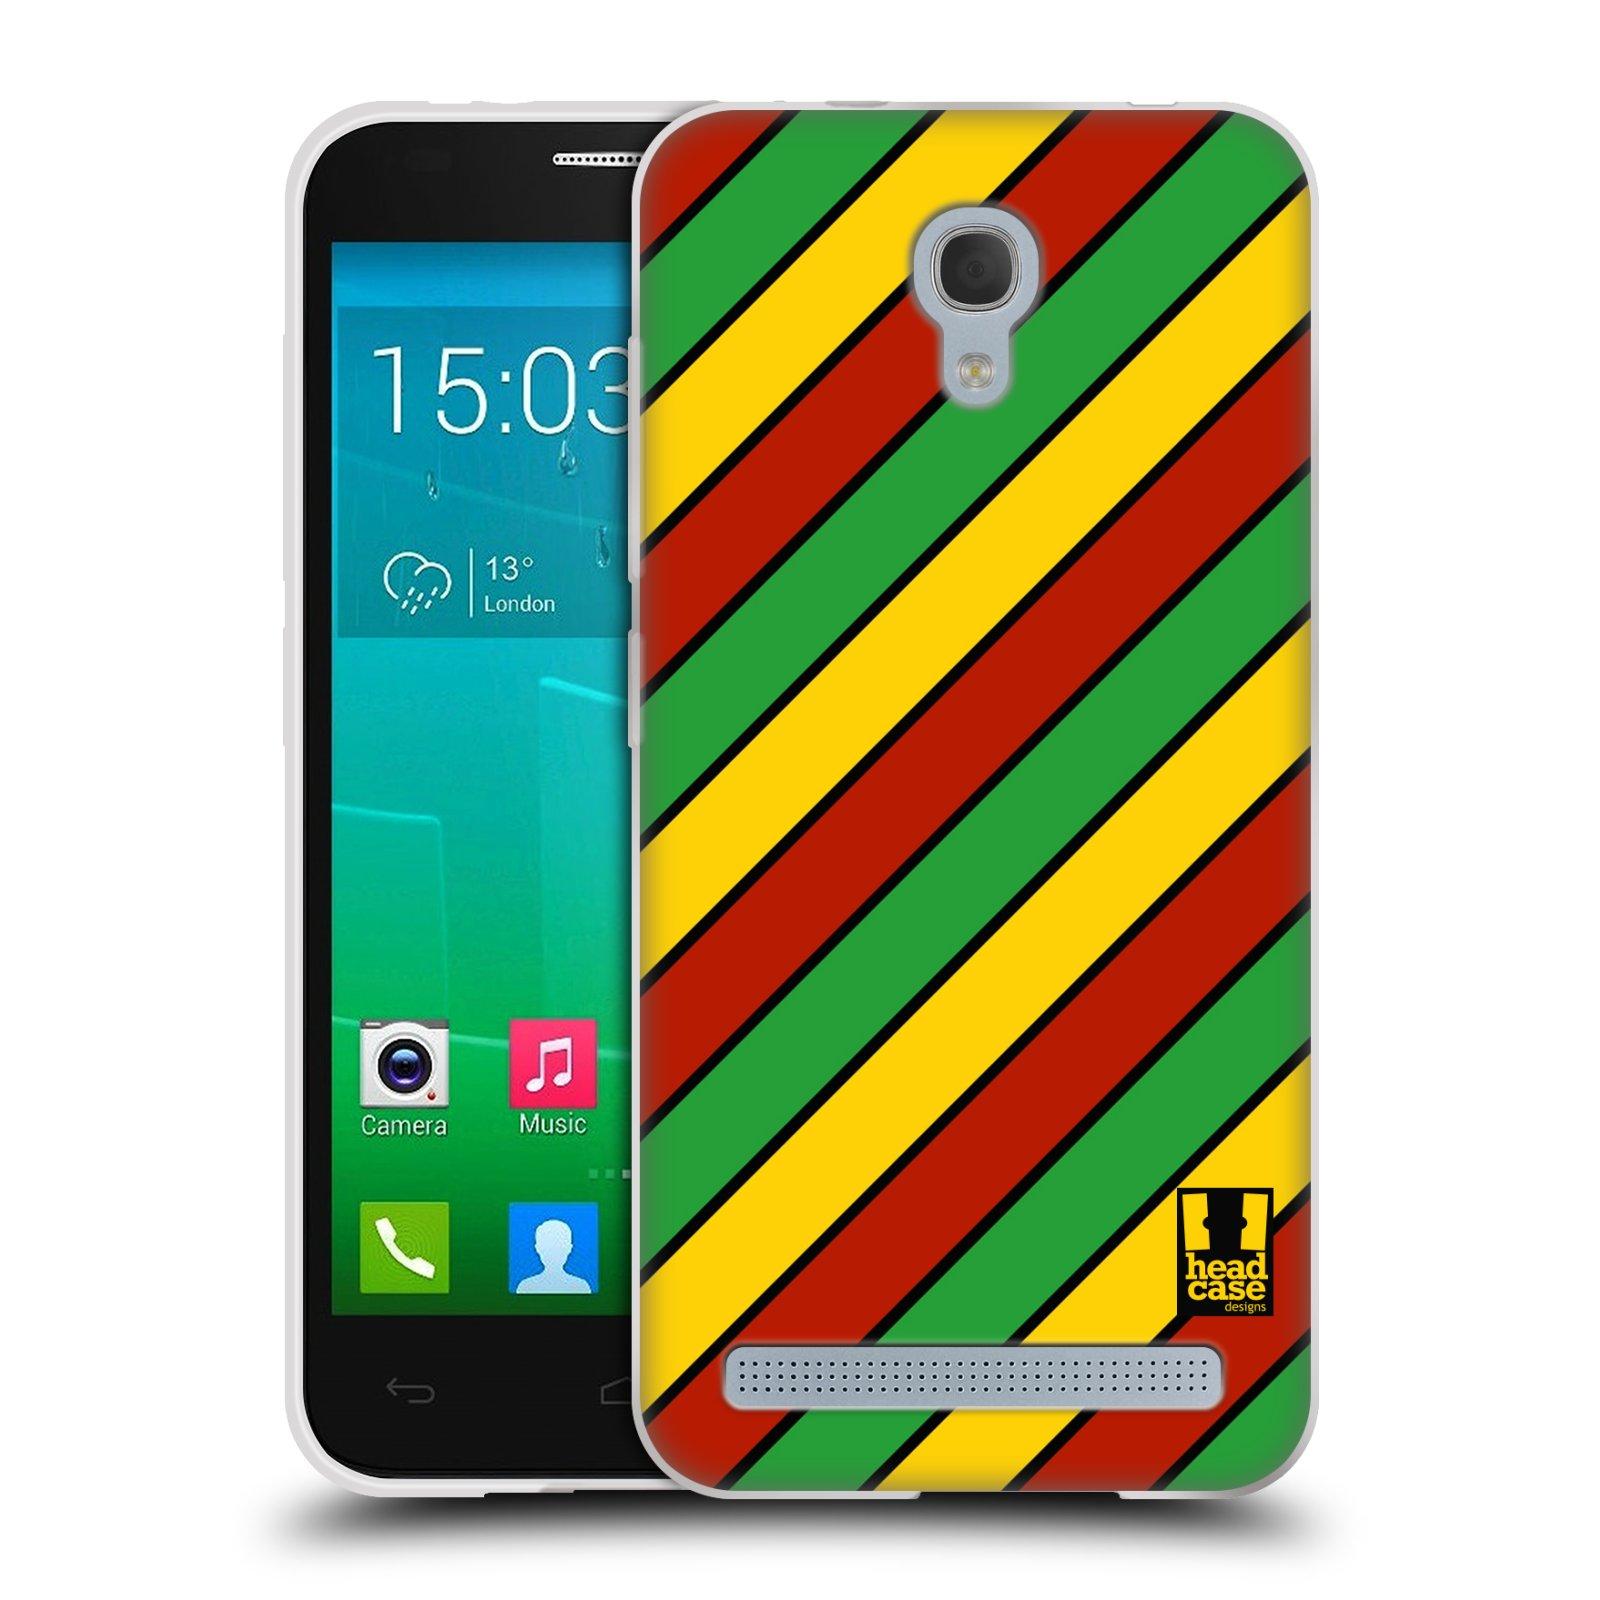 HEAD CASE silikonový obal na mobil Alcatel Idol 2 MINI S 6036Y vzor Rasta barevné vzory PRUHY